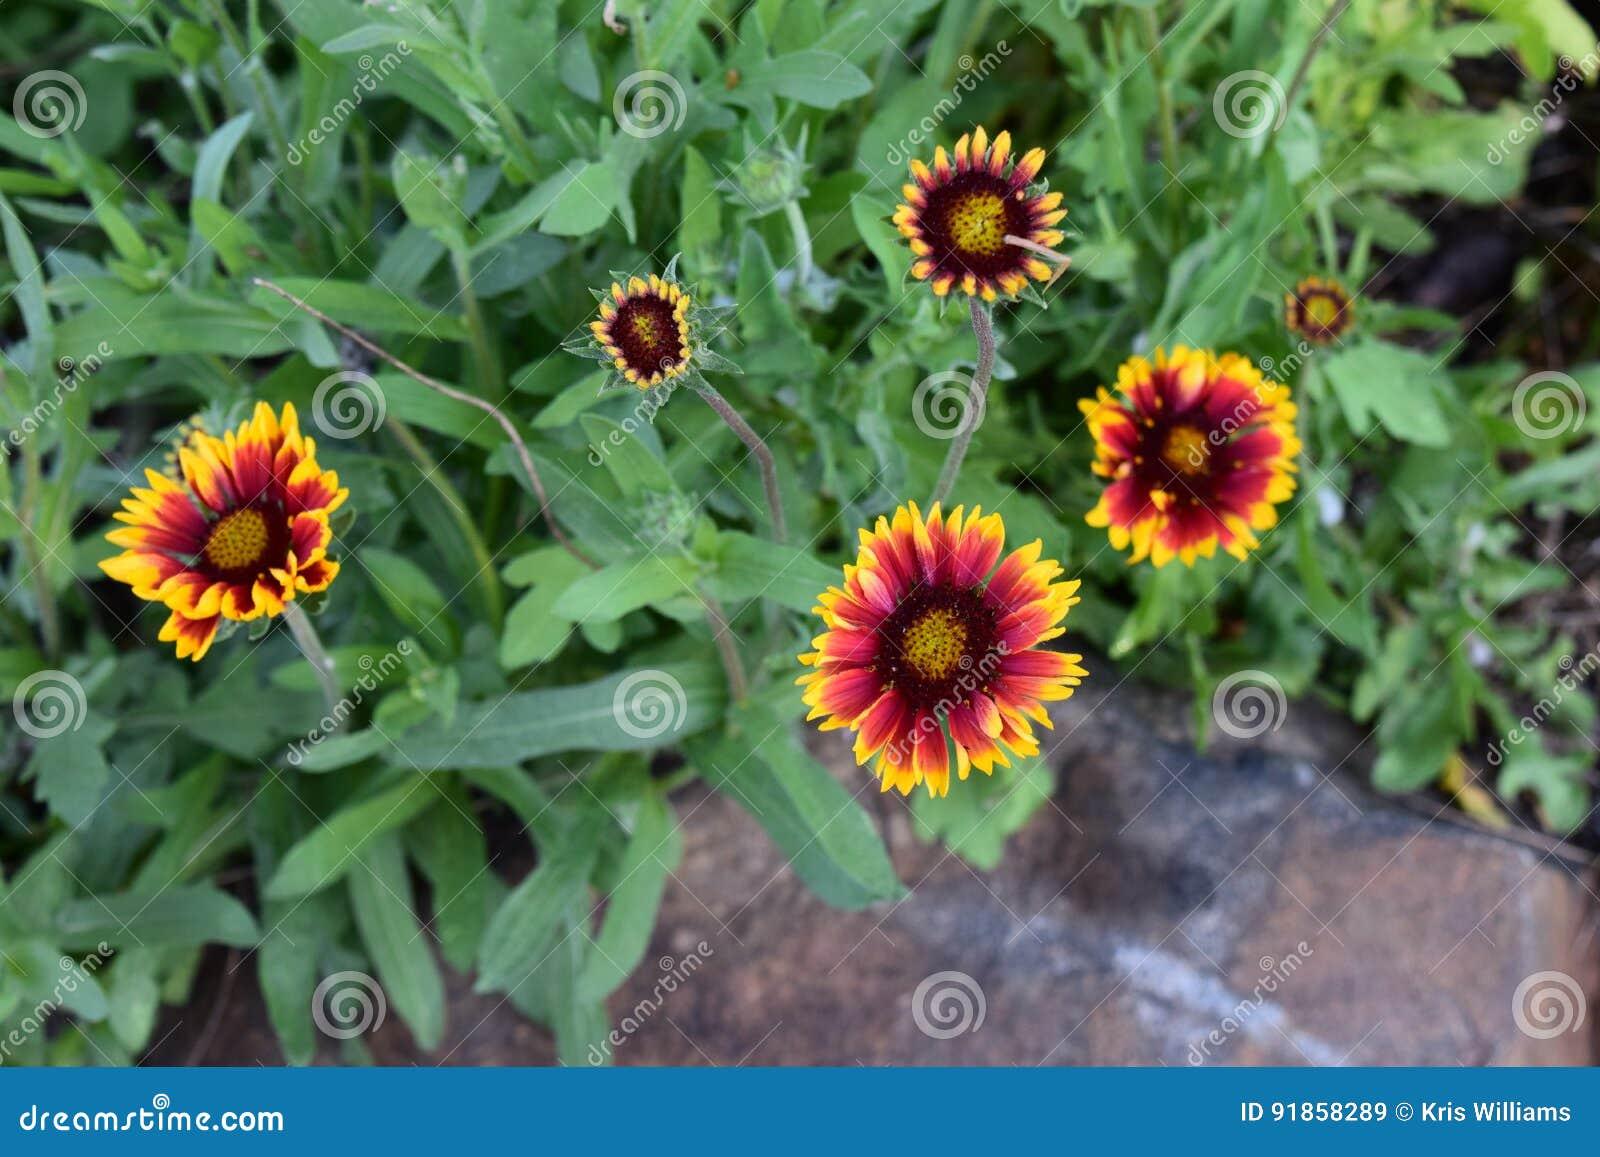 Red and Yellow Gaillardia Flowers